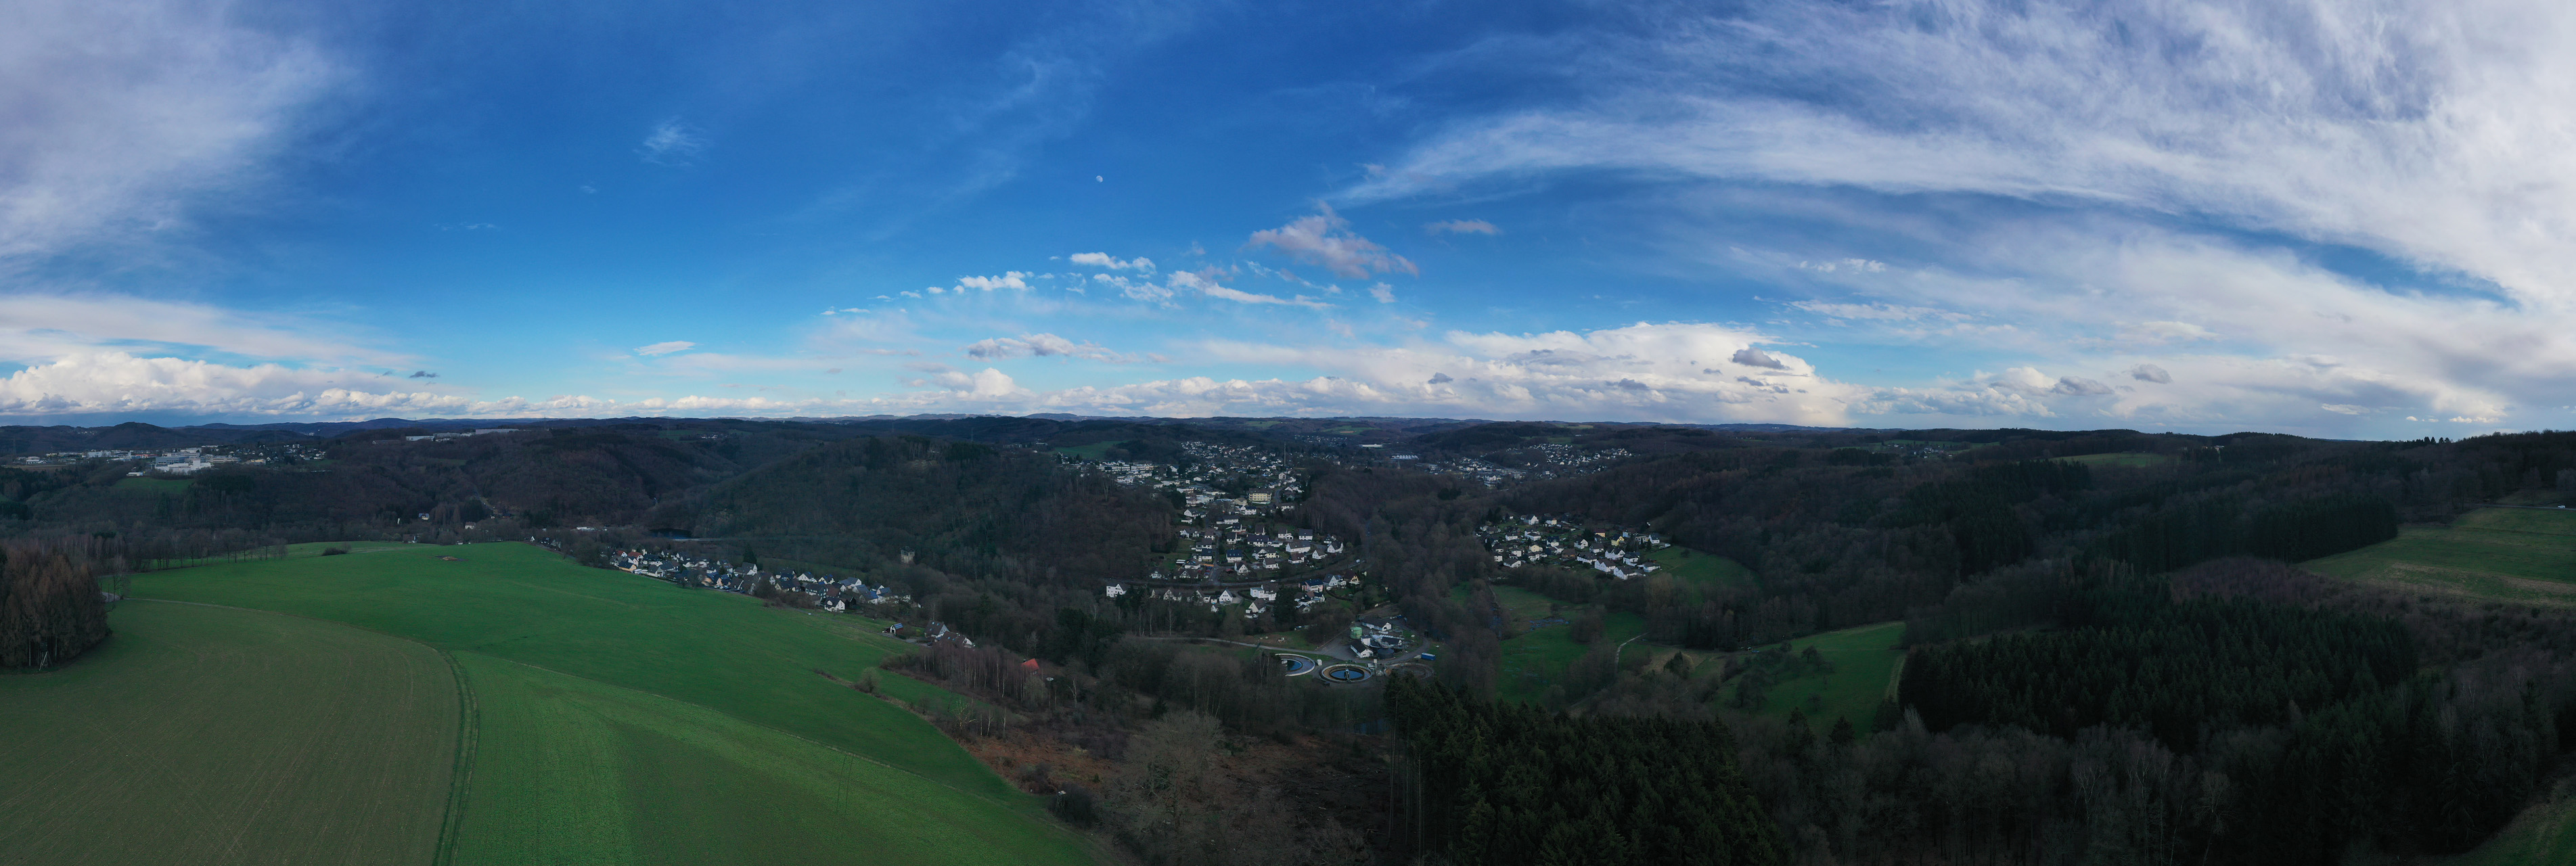 Landschaftsfoto von Hengstenberg aus